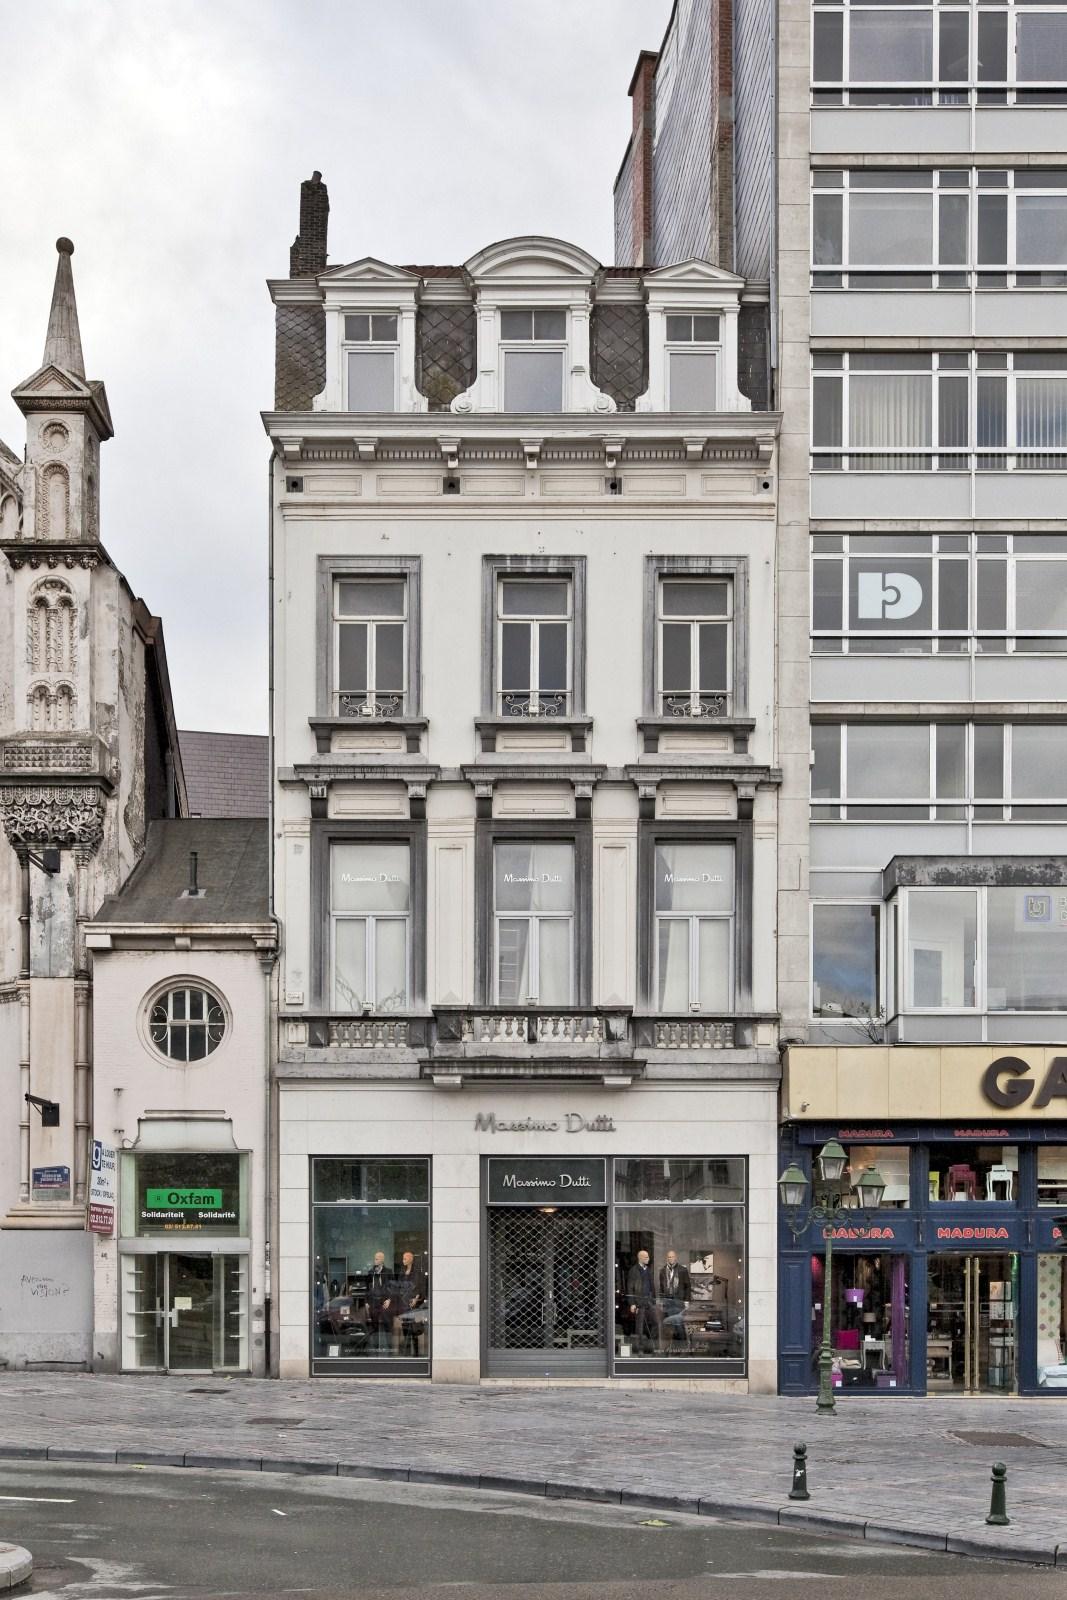 Guldenvlieslaan 47.© 2009 © bepictures / BRUNETTA V. – EBERLIN M.